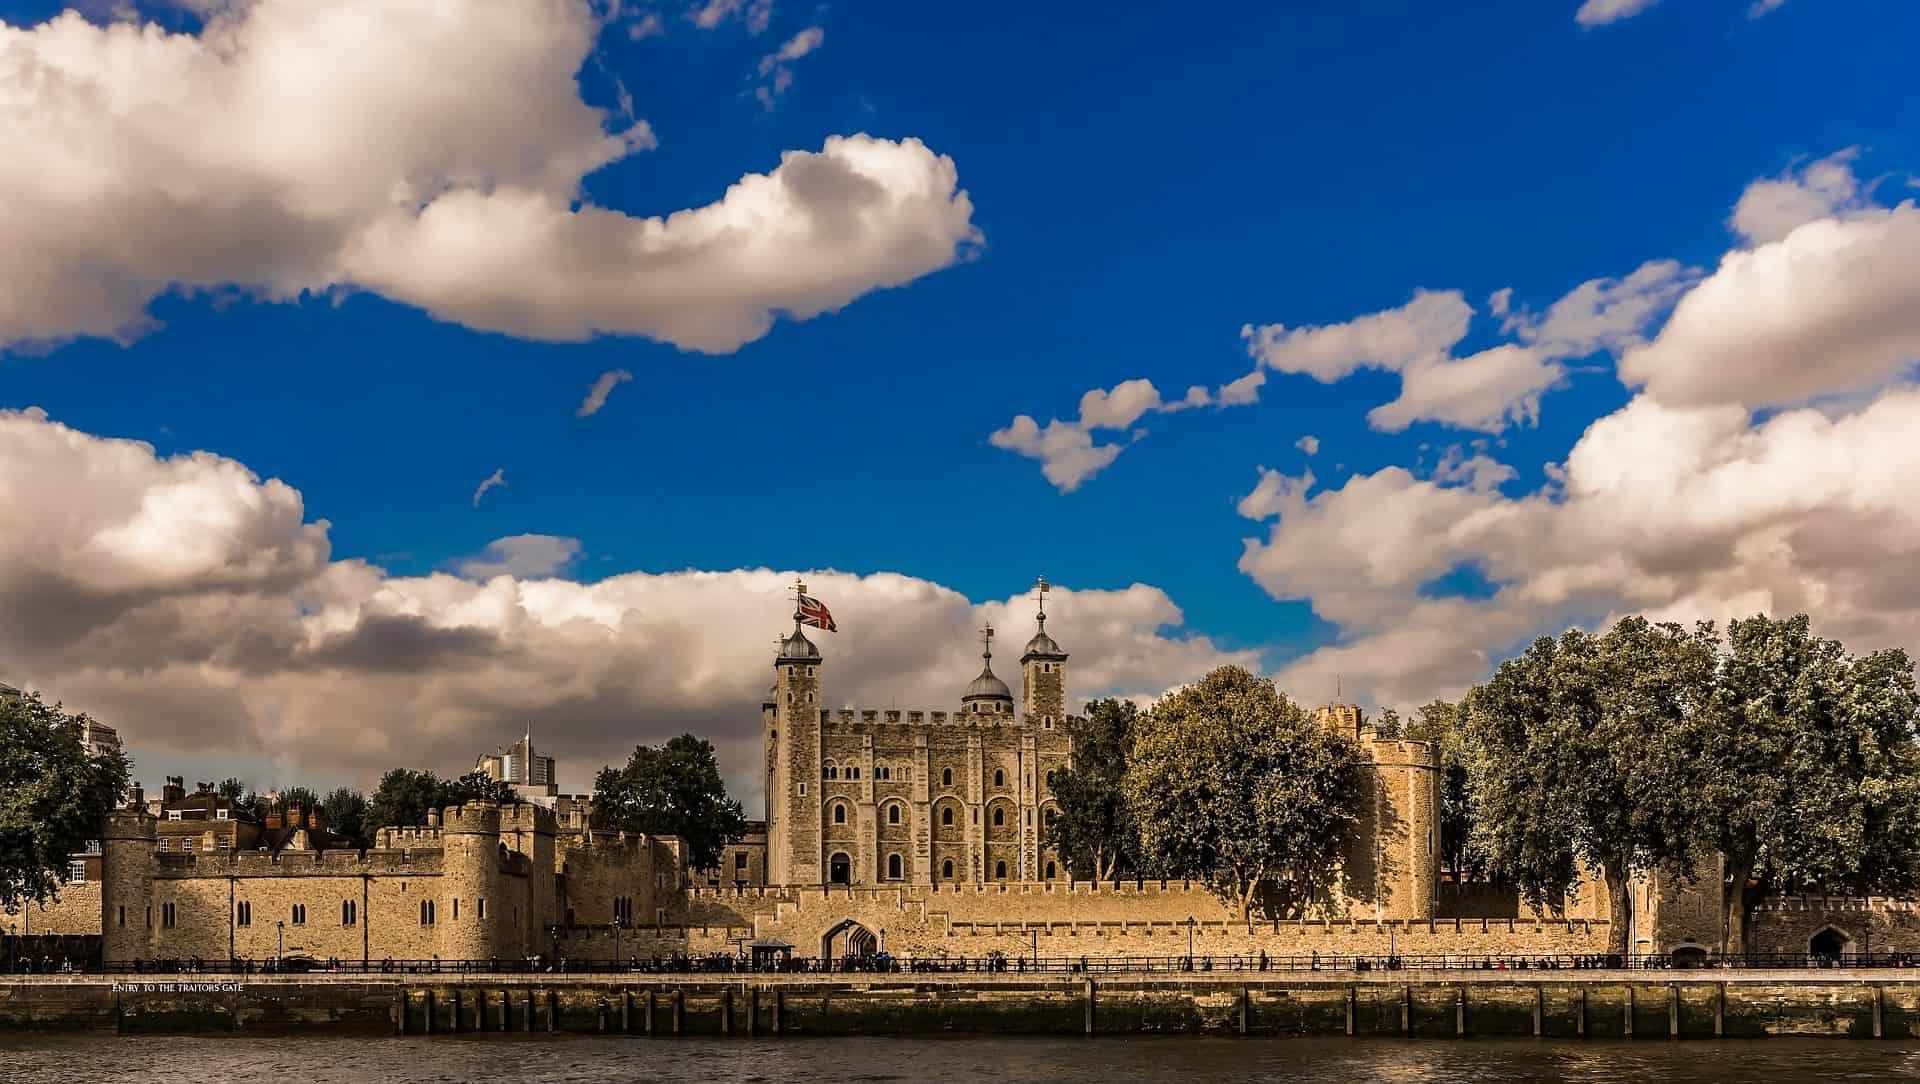 Tower of London hier könnt Ihr die Kron Juwelen sehen und alles zur dunklen Geschichte des Ortes kennen lernen bis Heute wird der Ort streng von Soldaten bewacht